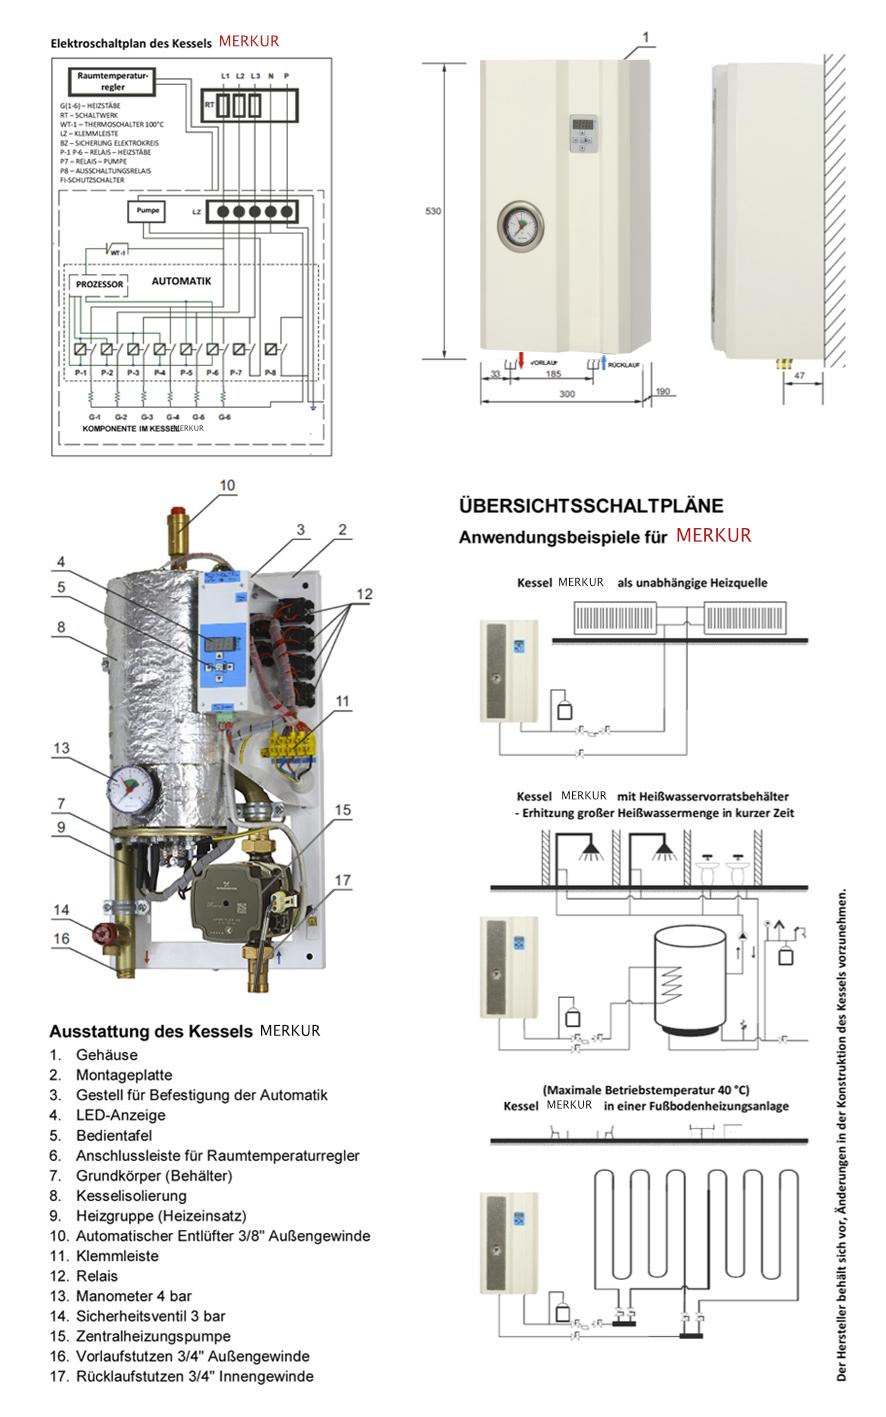 LUXHEIZUNG Elektro Heizkessel Heiztherme 18kW Saturn elektrische Heizanlage